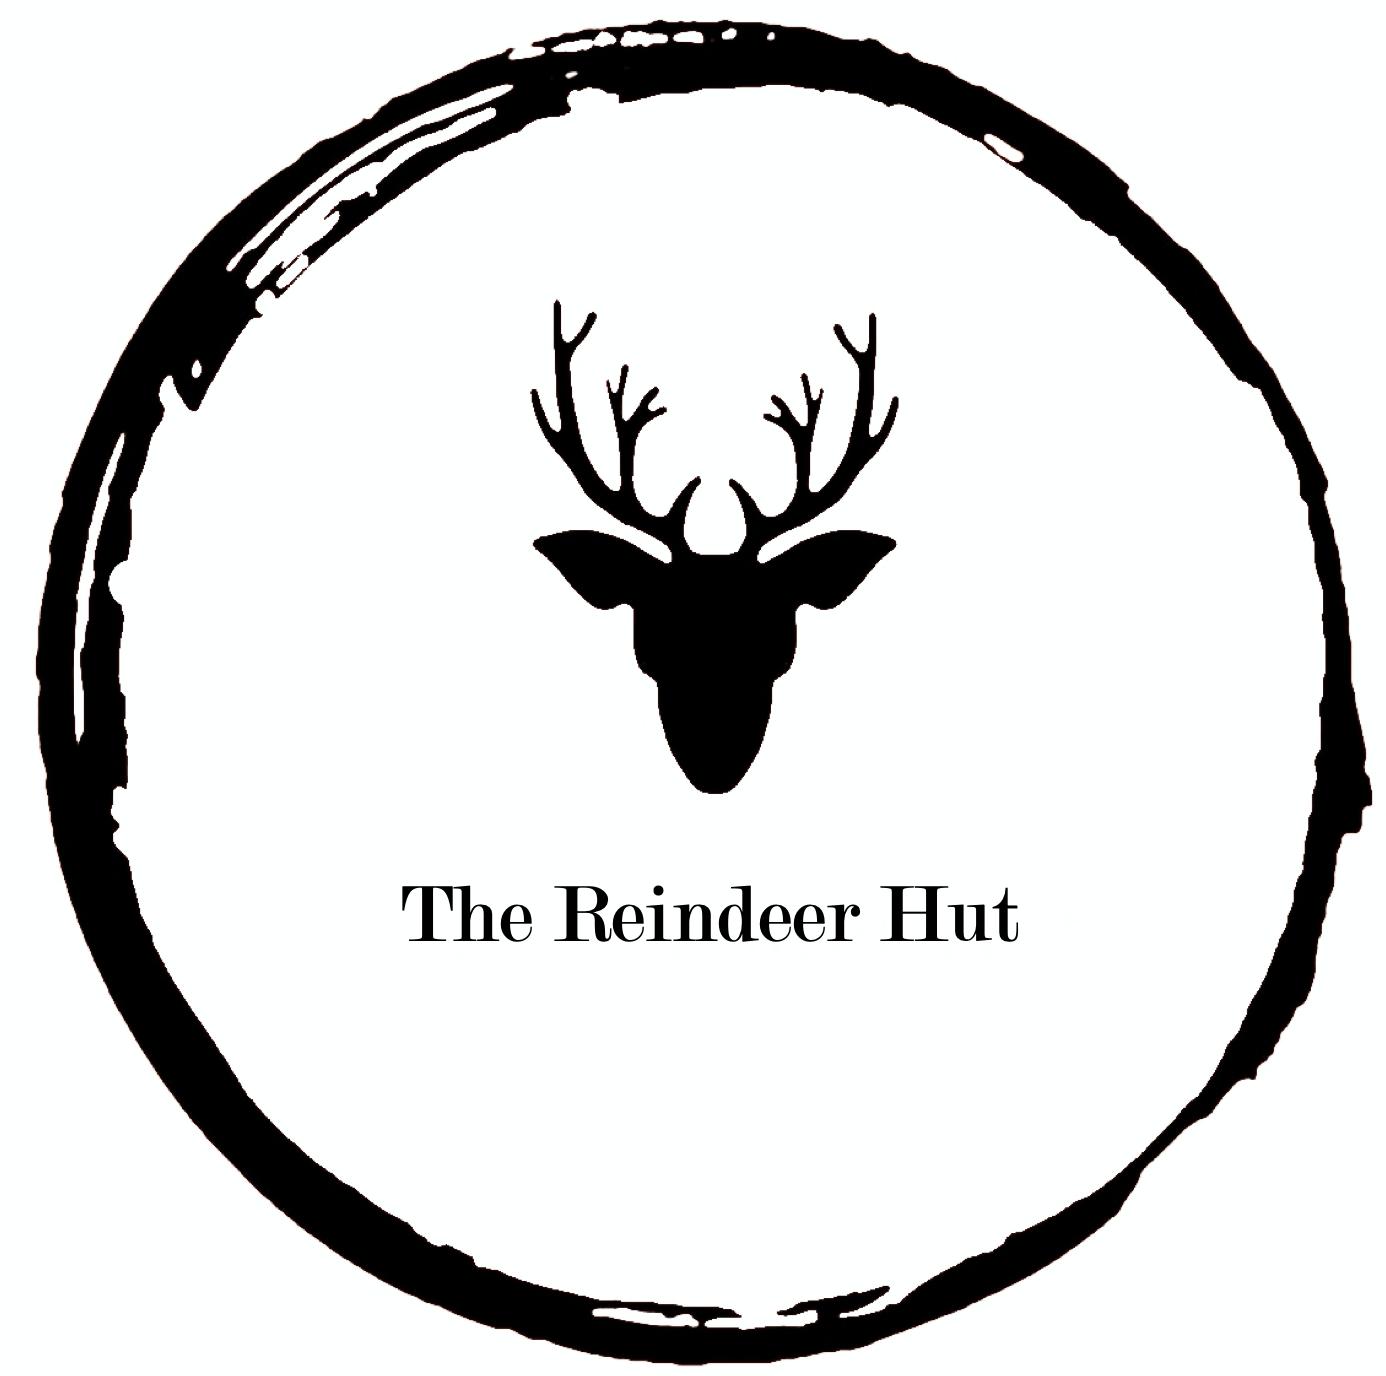 The Reindeer Hut